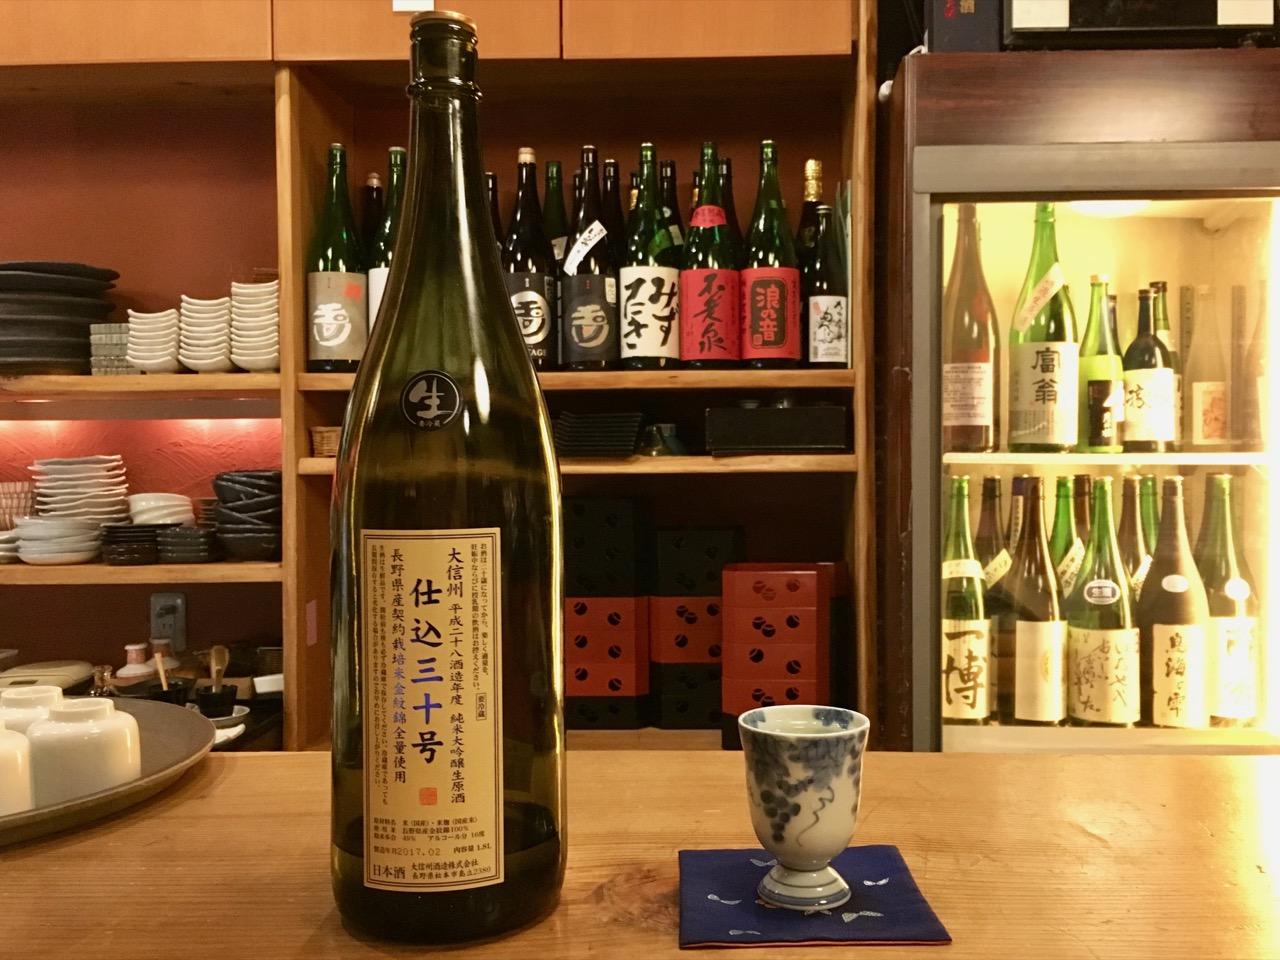 大信州 仕込三十号 純米大吟醸生原酒|日本酒テイスティングノート